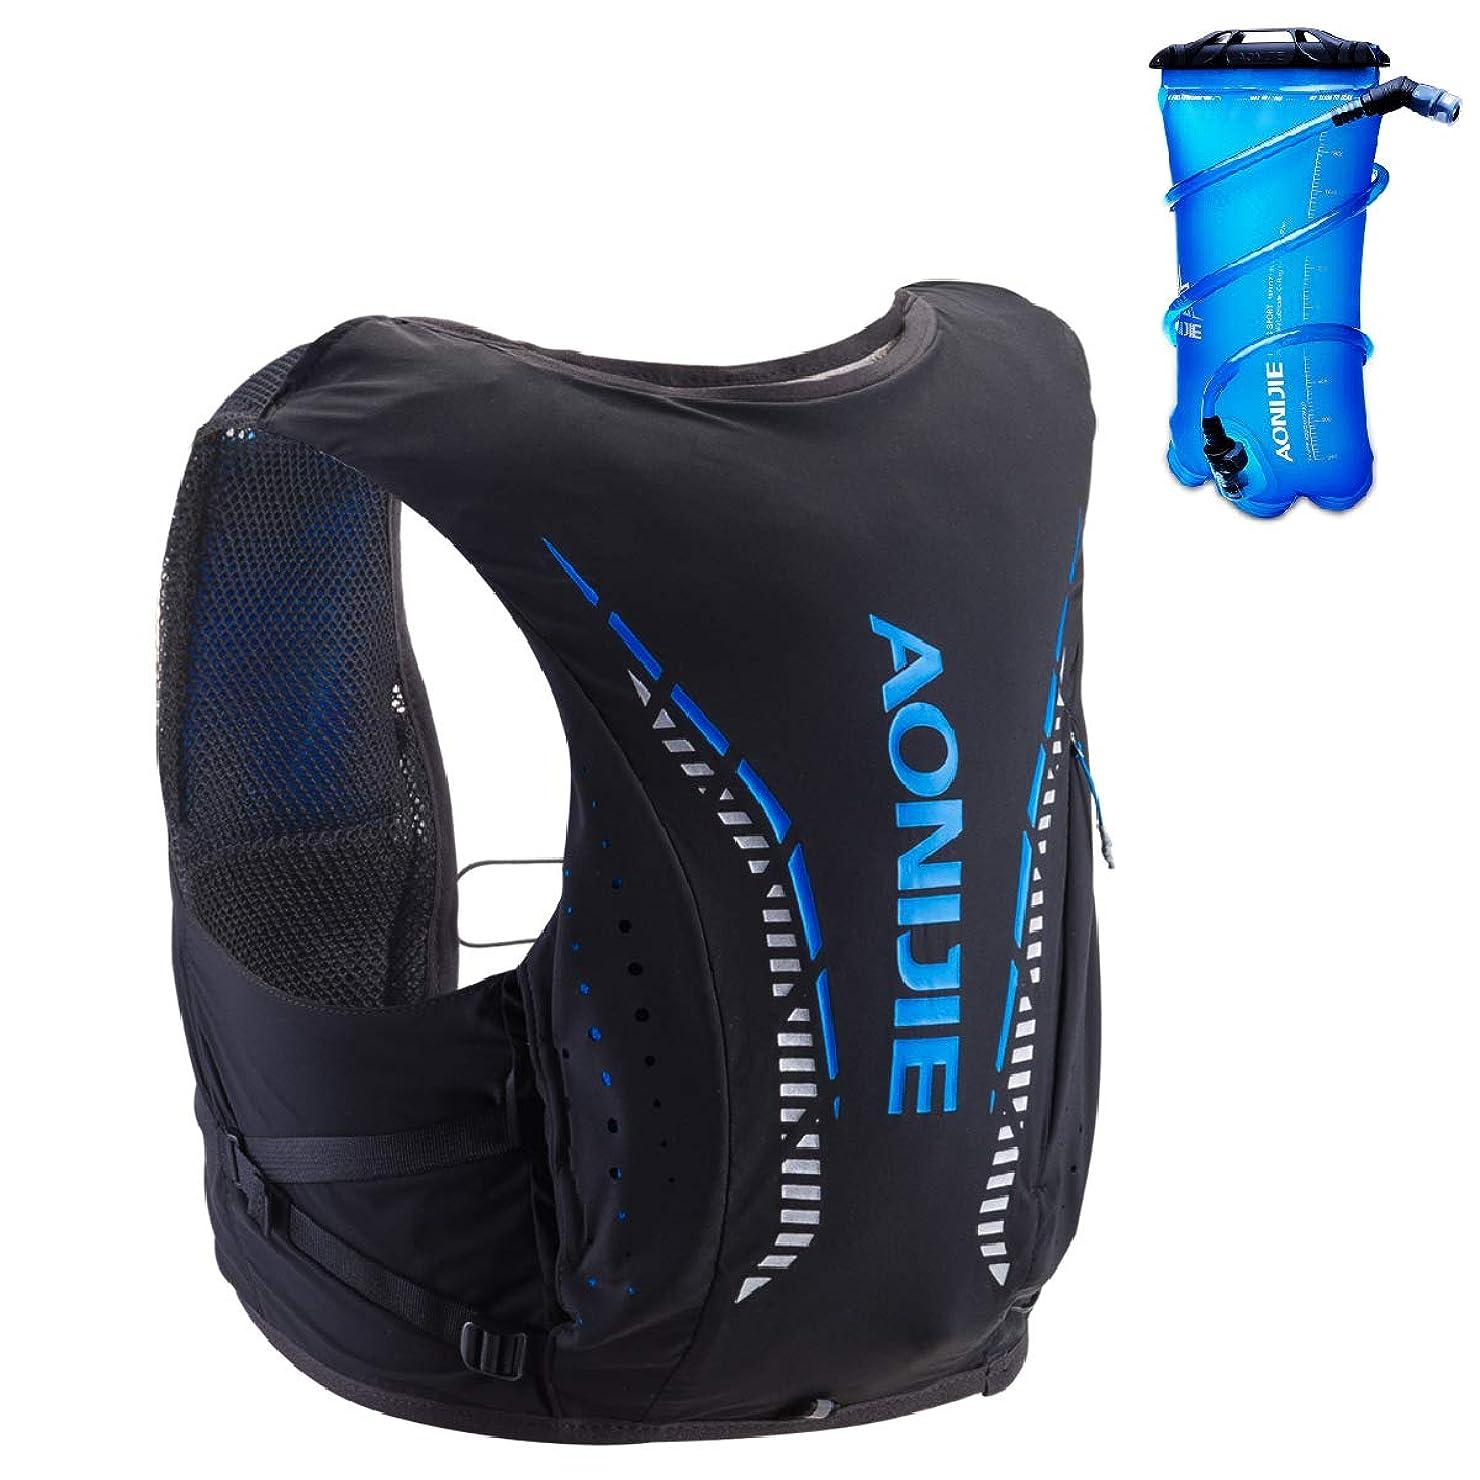 草誠意見物人TRIWONDER 10L トレラン ザック ランニング リュック トレイルランニング バッグ ハイドレーションパック マラソン ベスト バックパック